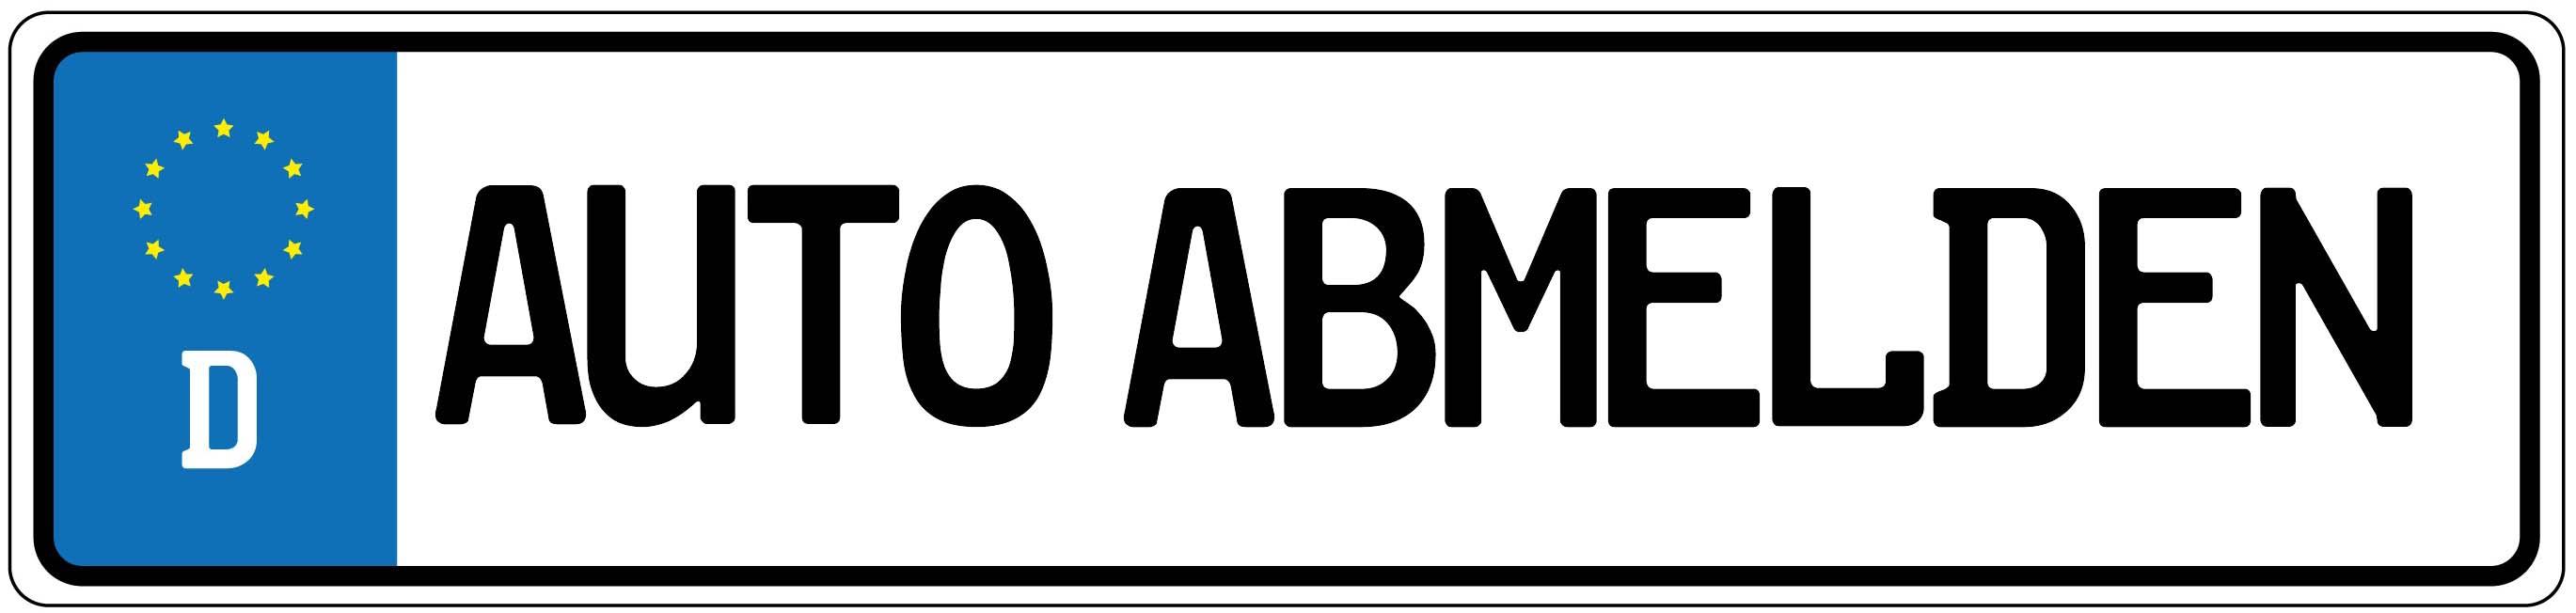 Auto Abmelden Kfz Zulassungsstelle